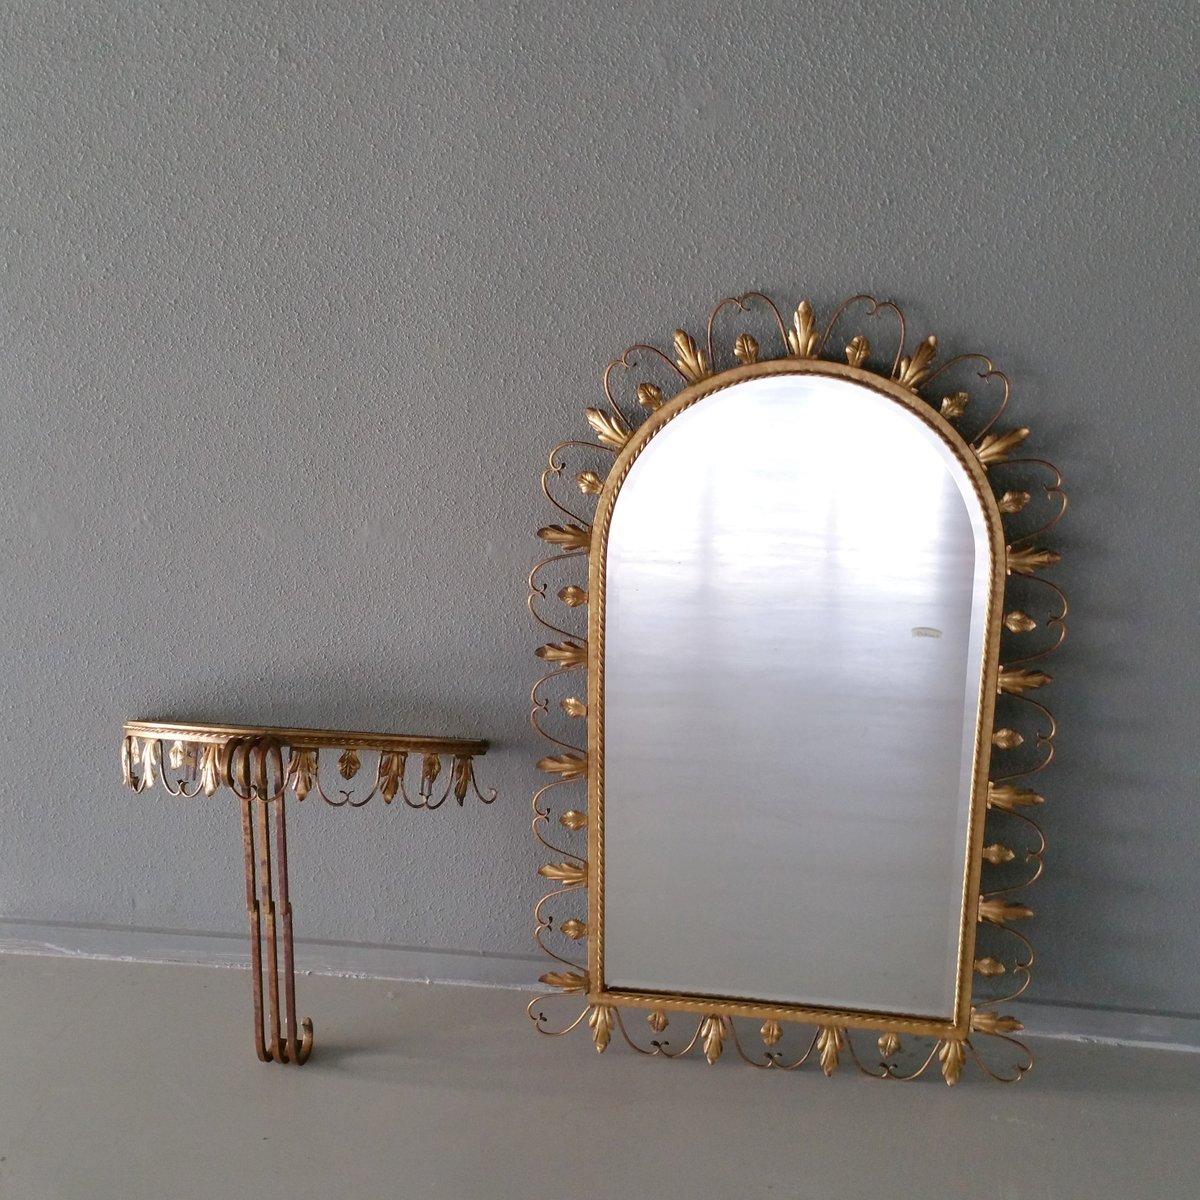 tisch mit spiegel und konsole von deknudt 1960er bei. Black Bedroom Furniture Sets. Home Design Ideas